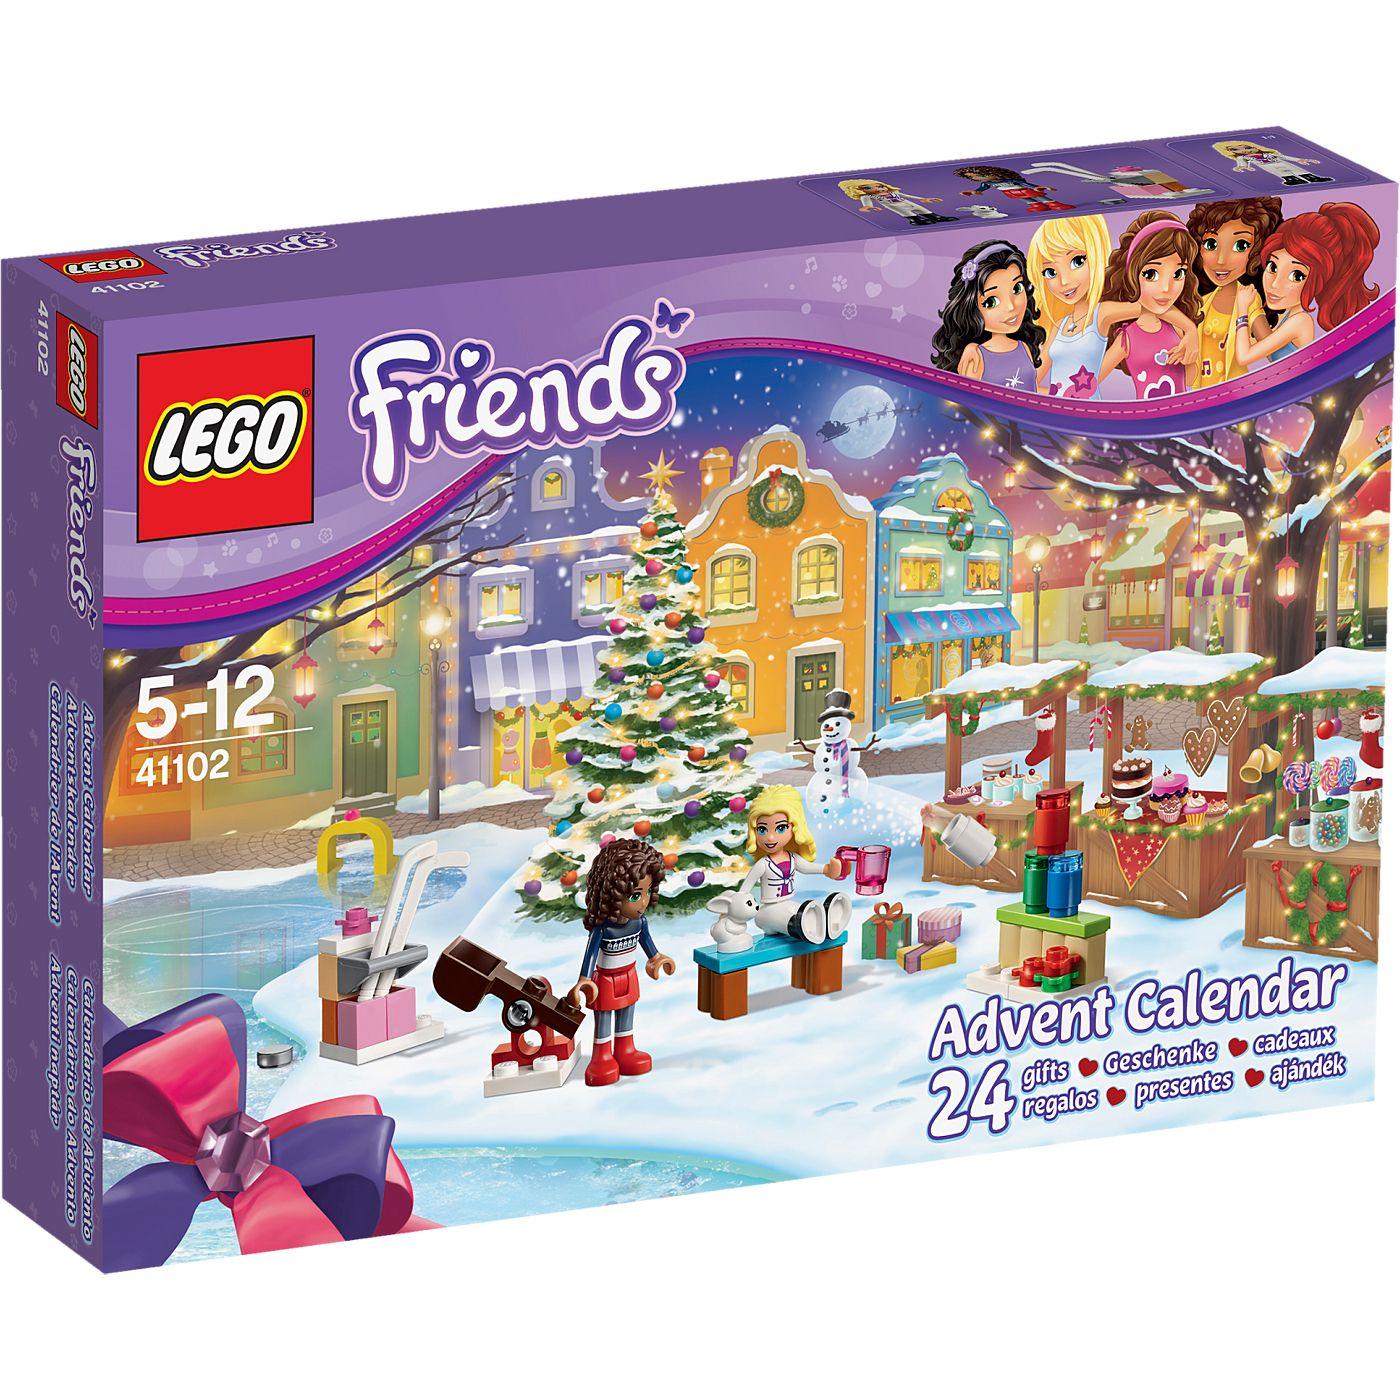 Lego Friends Advent Calendar 41102 Kids Asda Direct Lego